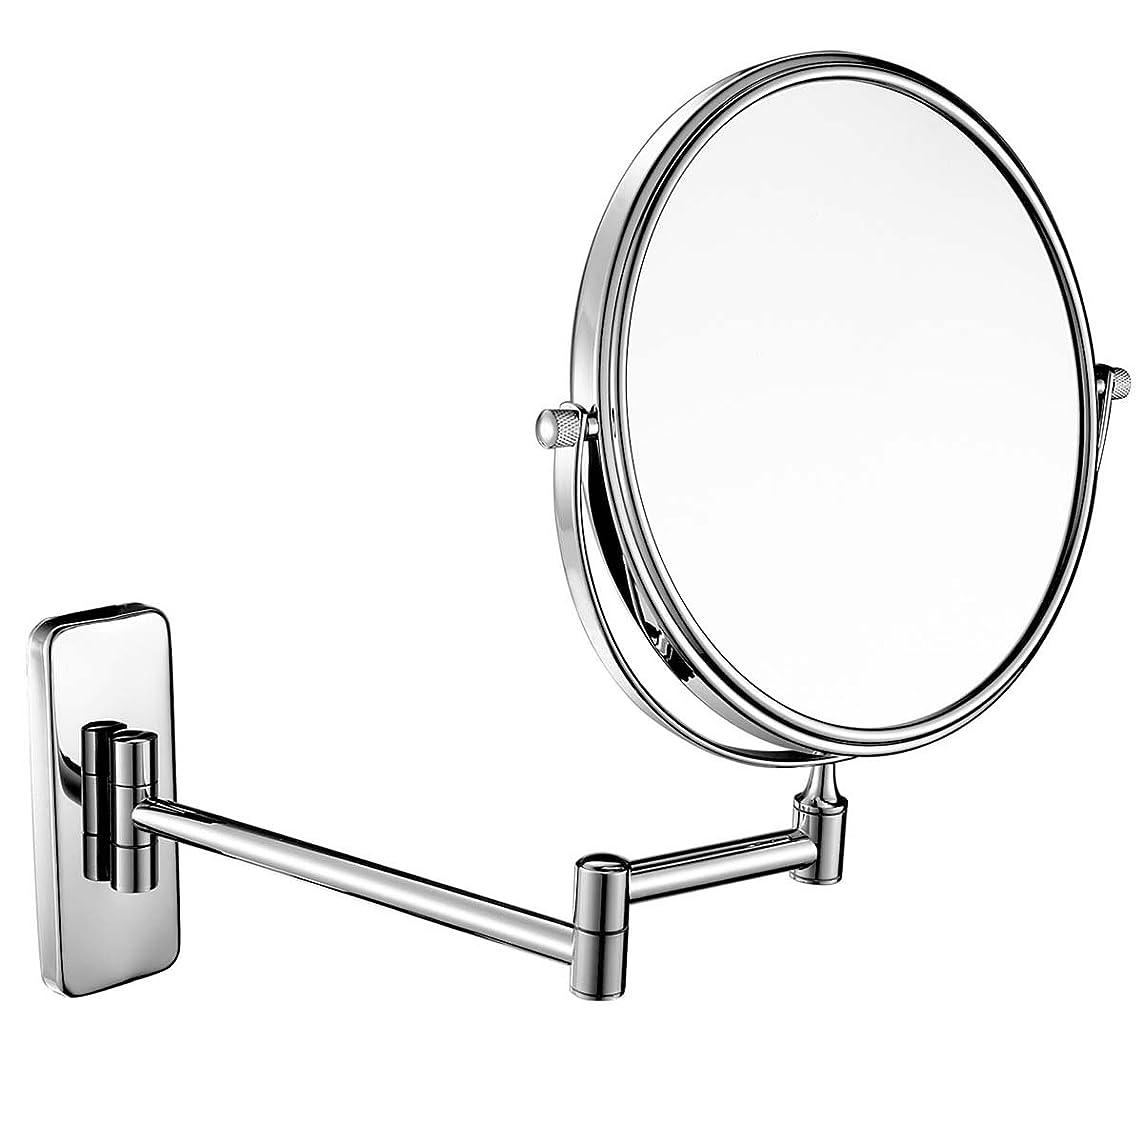 社会科収益ルー浴室化粧鏡、壁掛け折りたたみ式クリエイティブヨーロッパスタイルバニティミラー、13 * 27 * 15 cm、ステンレススチールベース (Color : Silver)